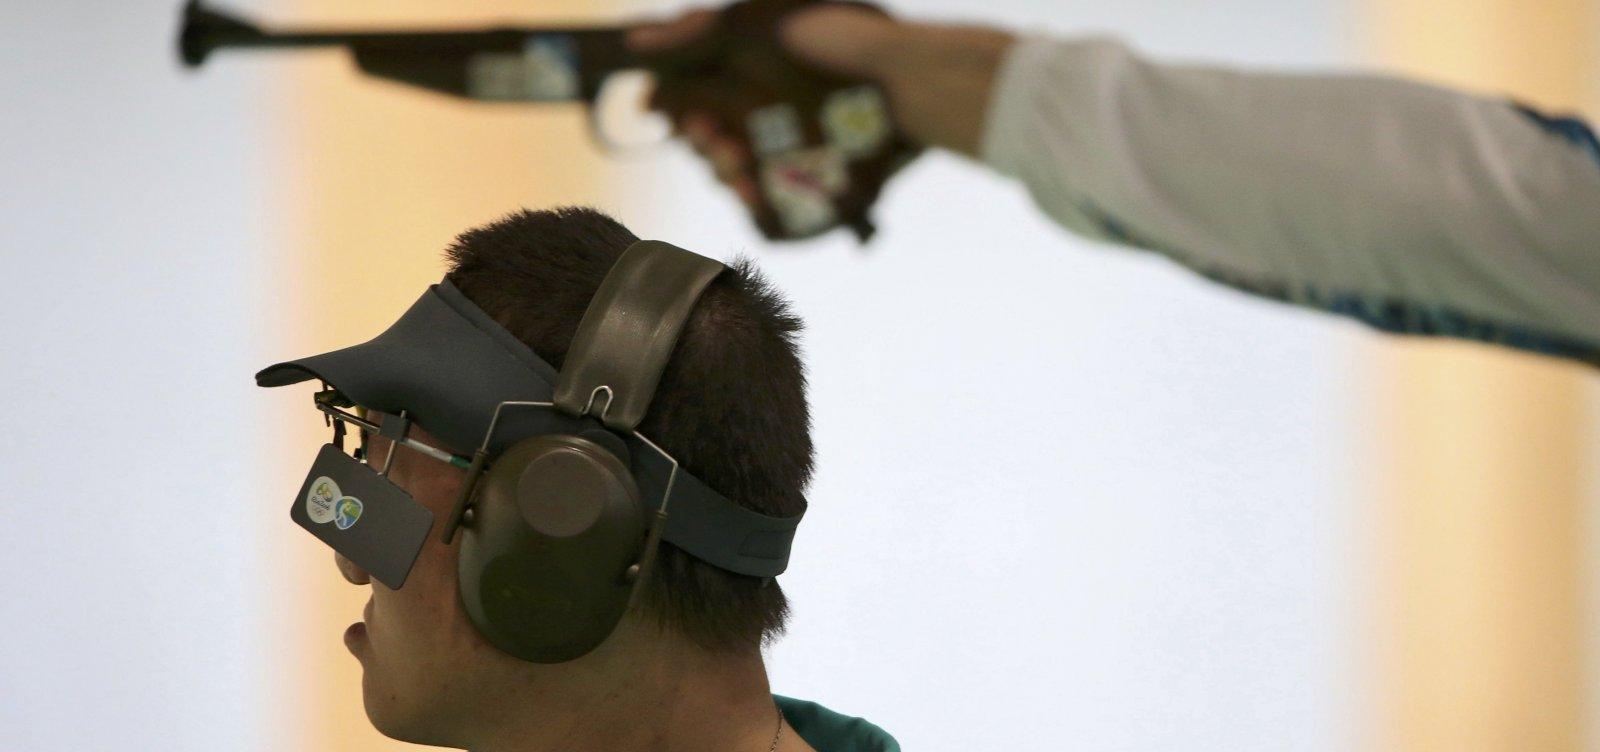 [Com novo decreto, maiores de 14 anos podem praticar tiro com autorização dos dois pais]